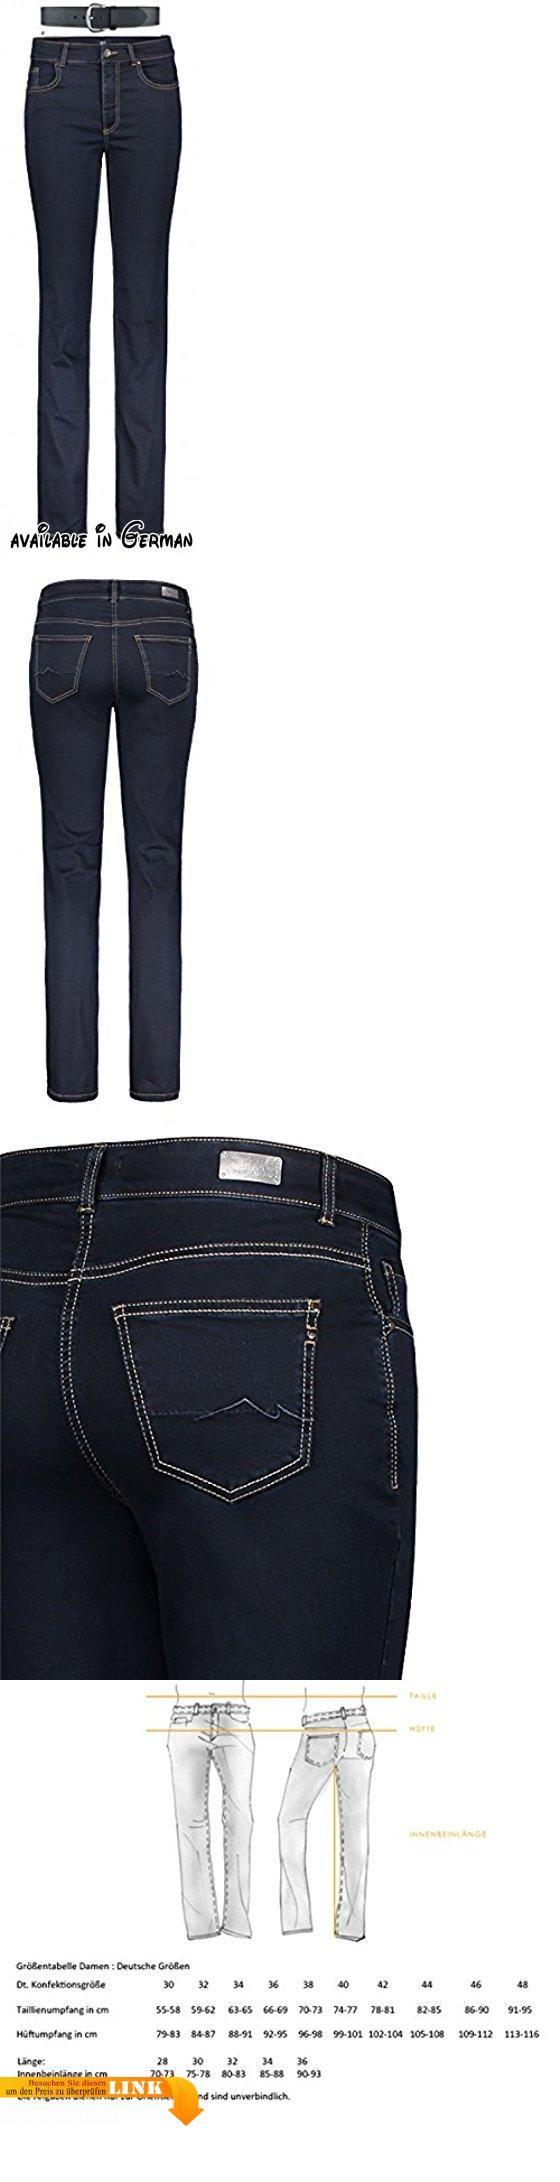 MAC Melanie Damen Jeans Hose 0380l504087 & draussen-aktiv.com Ledergürtel ., Farbe:D801;Größe:W44/L28. exzellente Passform, kein Leiern. authentisch, modische Waschungen. liebevoll gestaltete Details. feminine Weite, weit an Oberschenkel und Po. gerades Bein, bequeme Taille #Apparel #PANTS